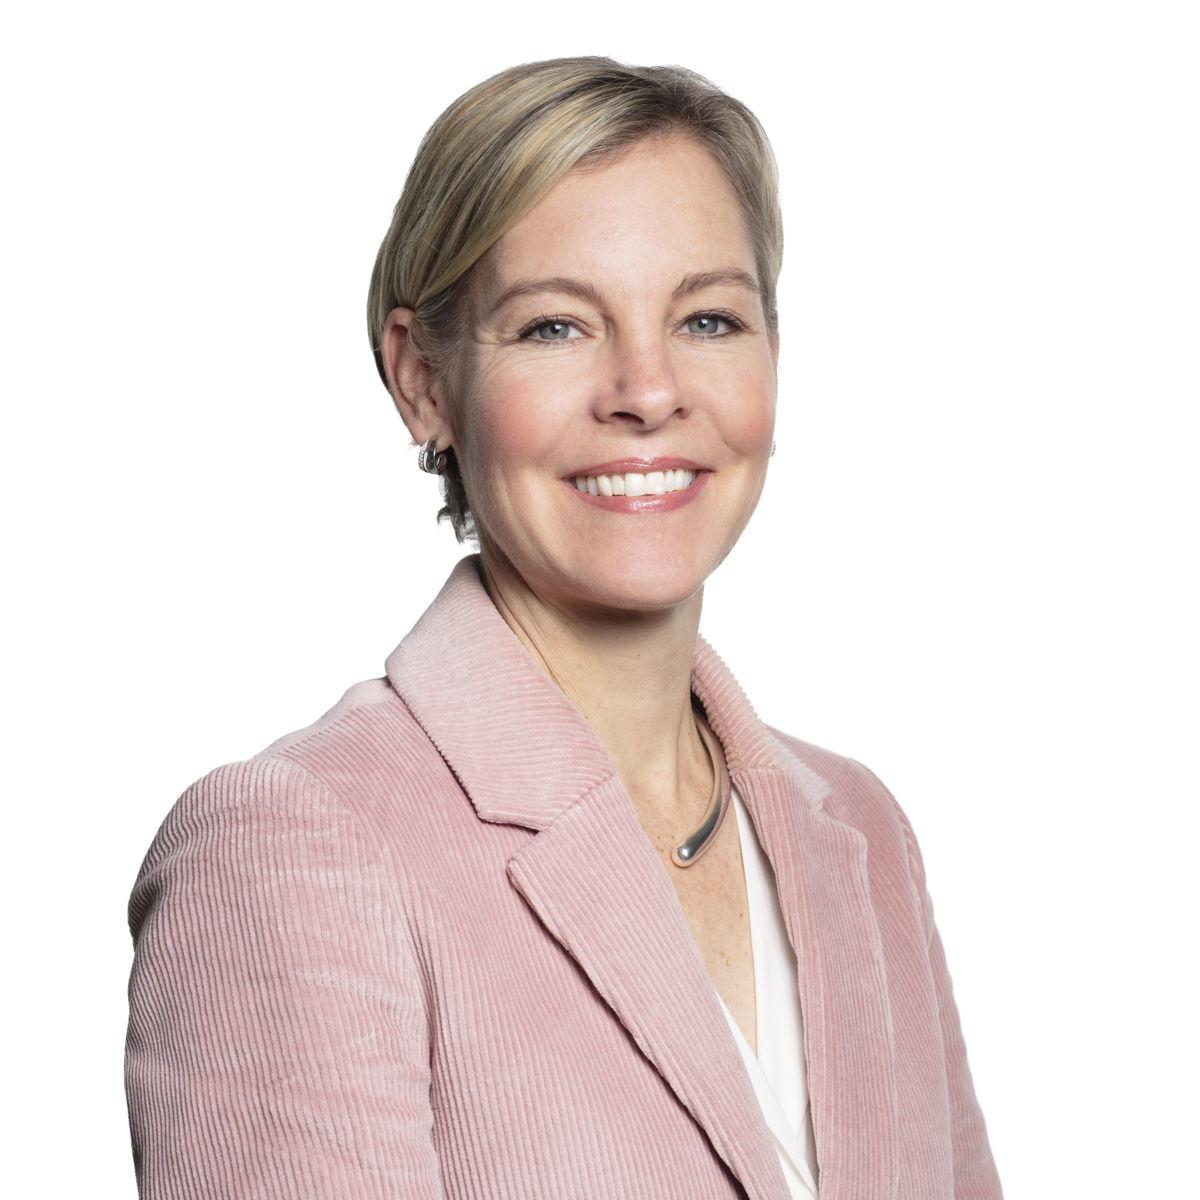 Keri Gilder, PDG de Colt Technology Services